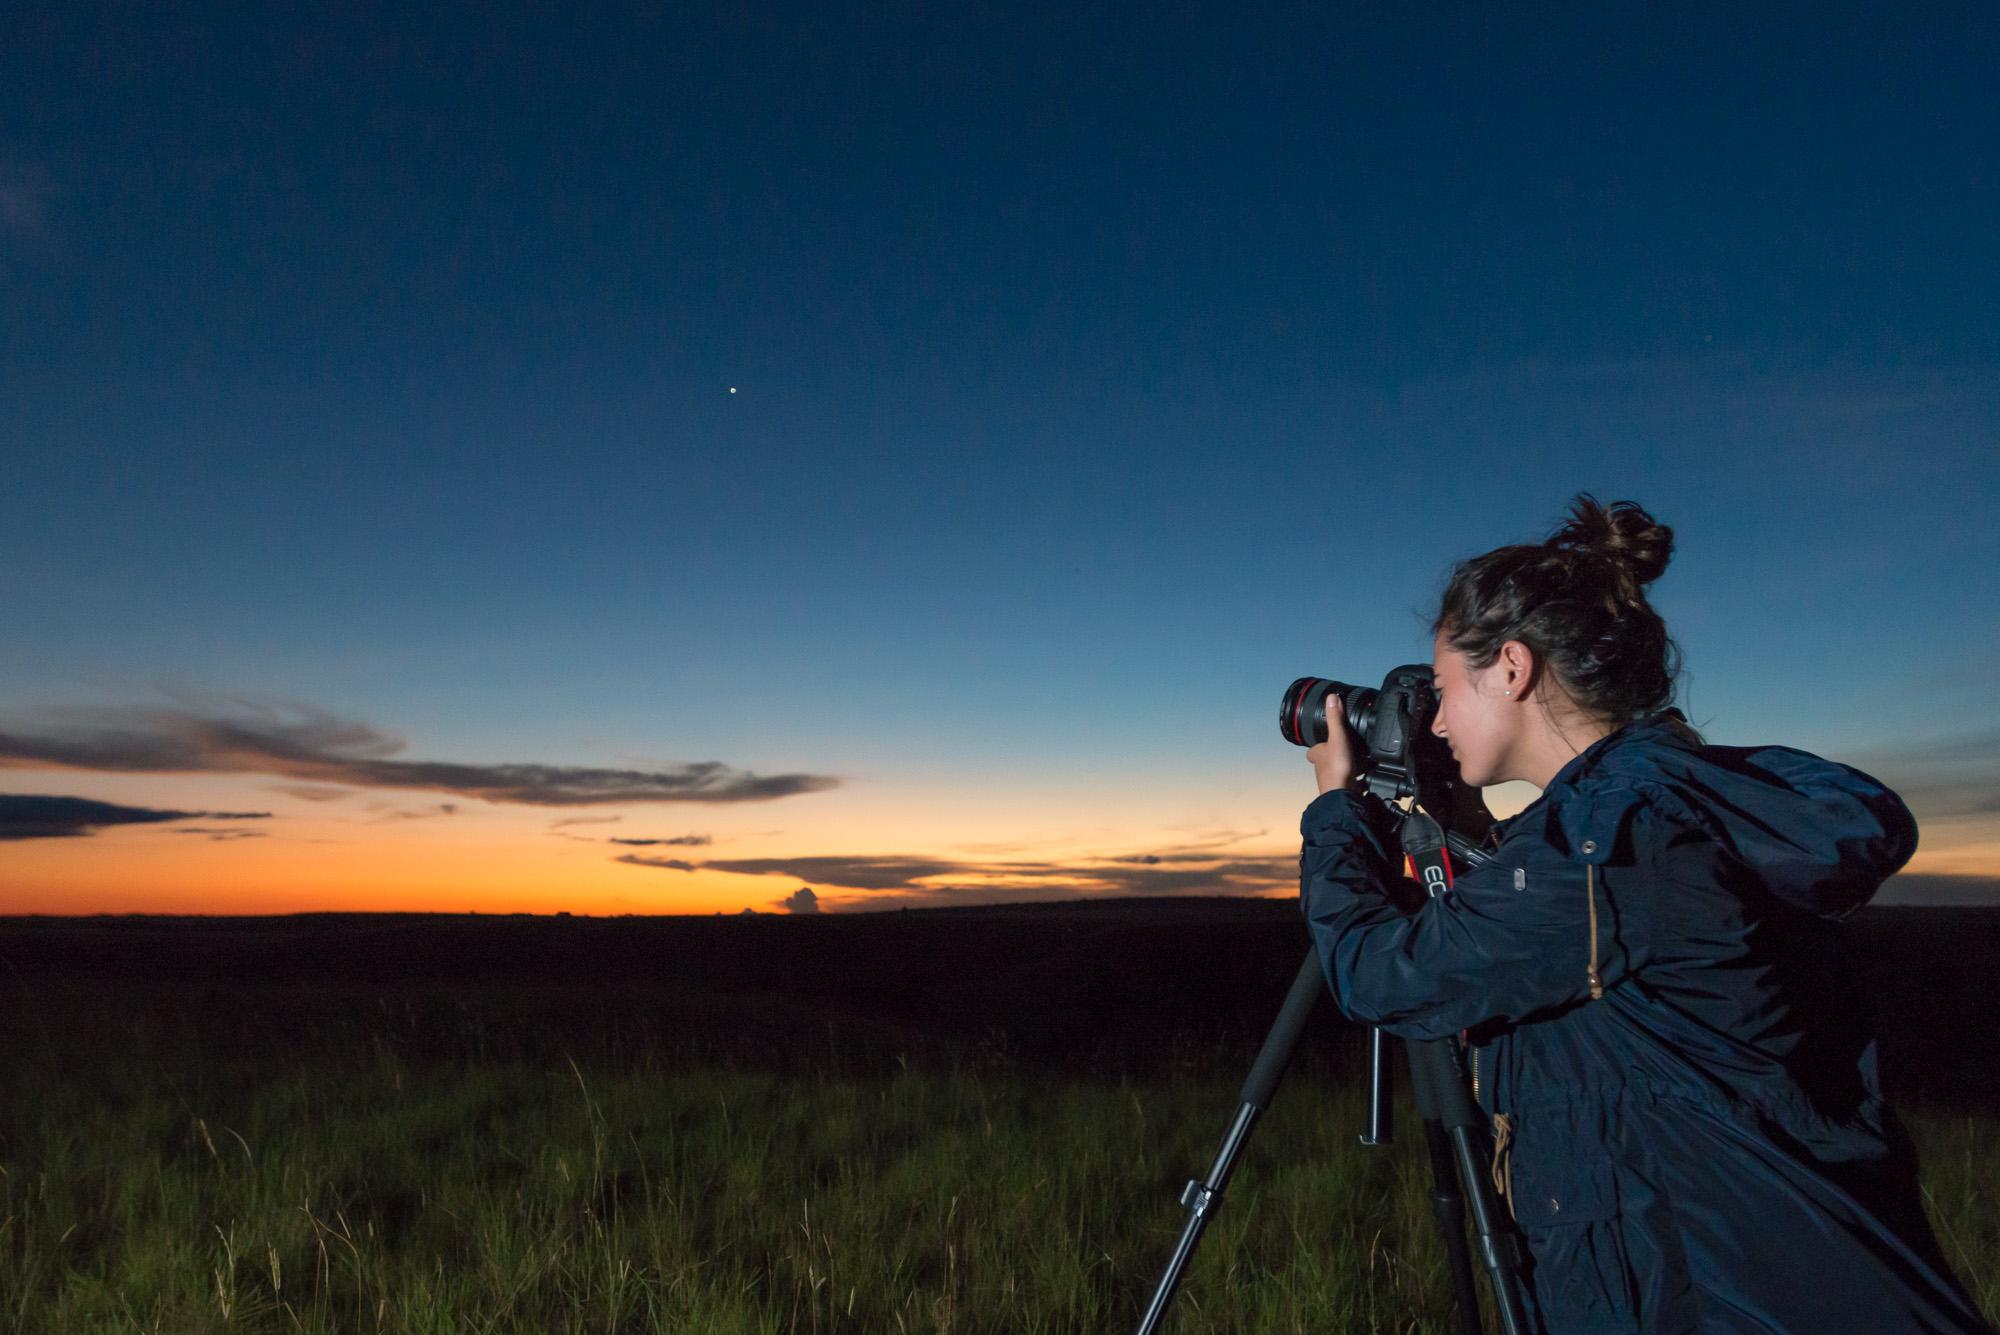 Diana De Mulder, en 2016, aprovechó el atardecer y luego la gran Vía Láctea